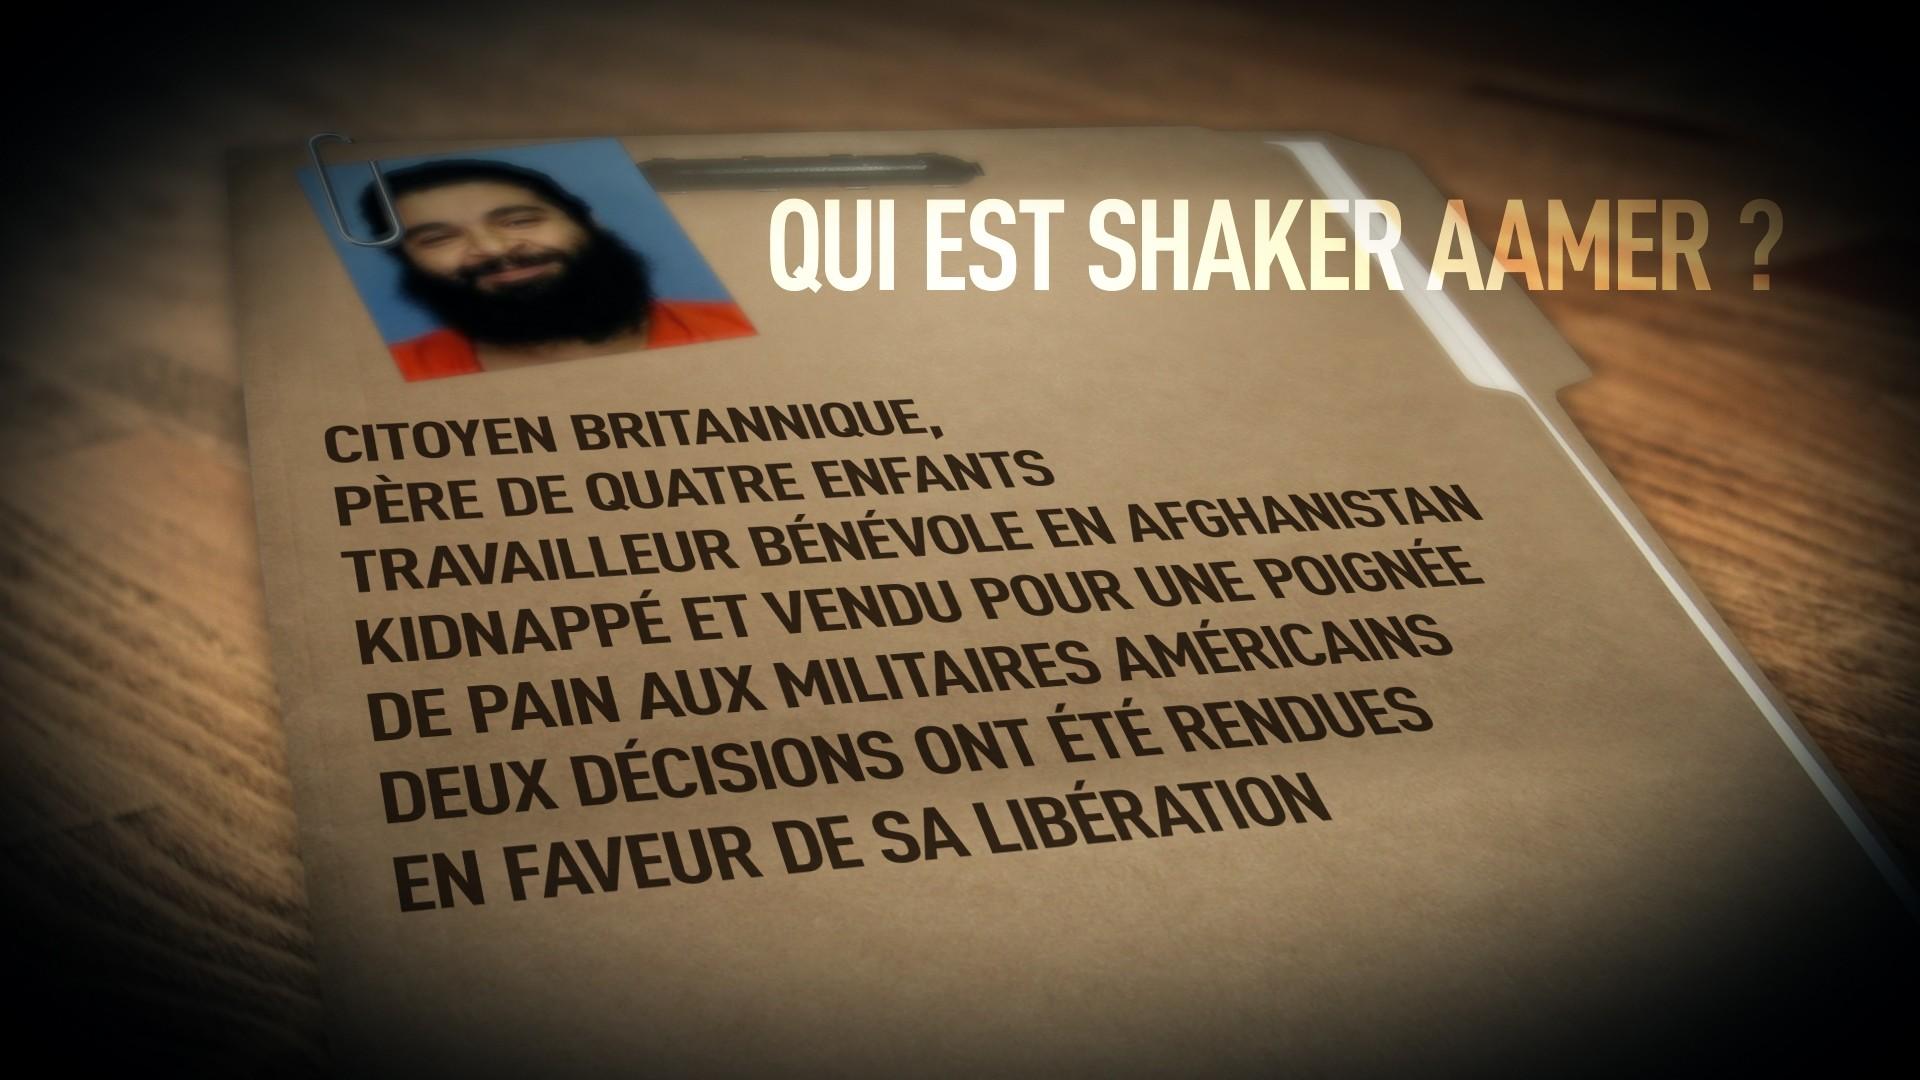 Le dernier prisonnier britannique de Guantanamo, Shaker Aamer, a été libéré